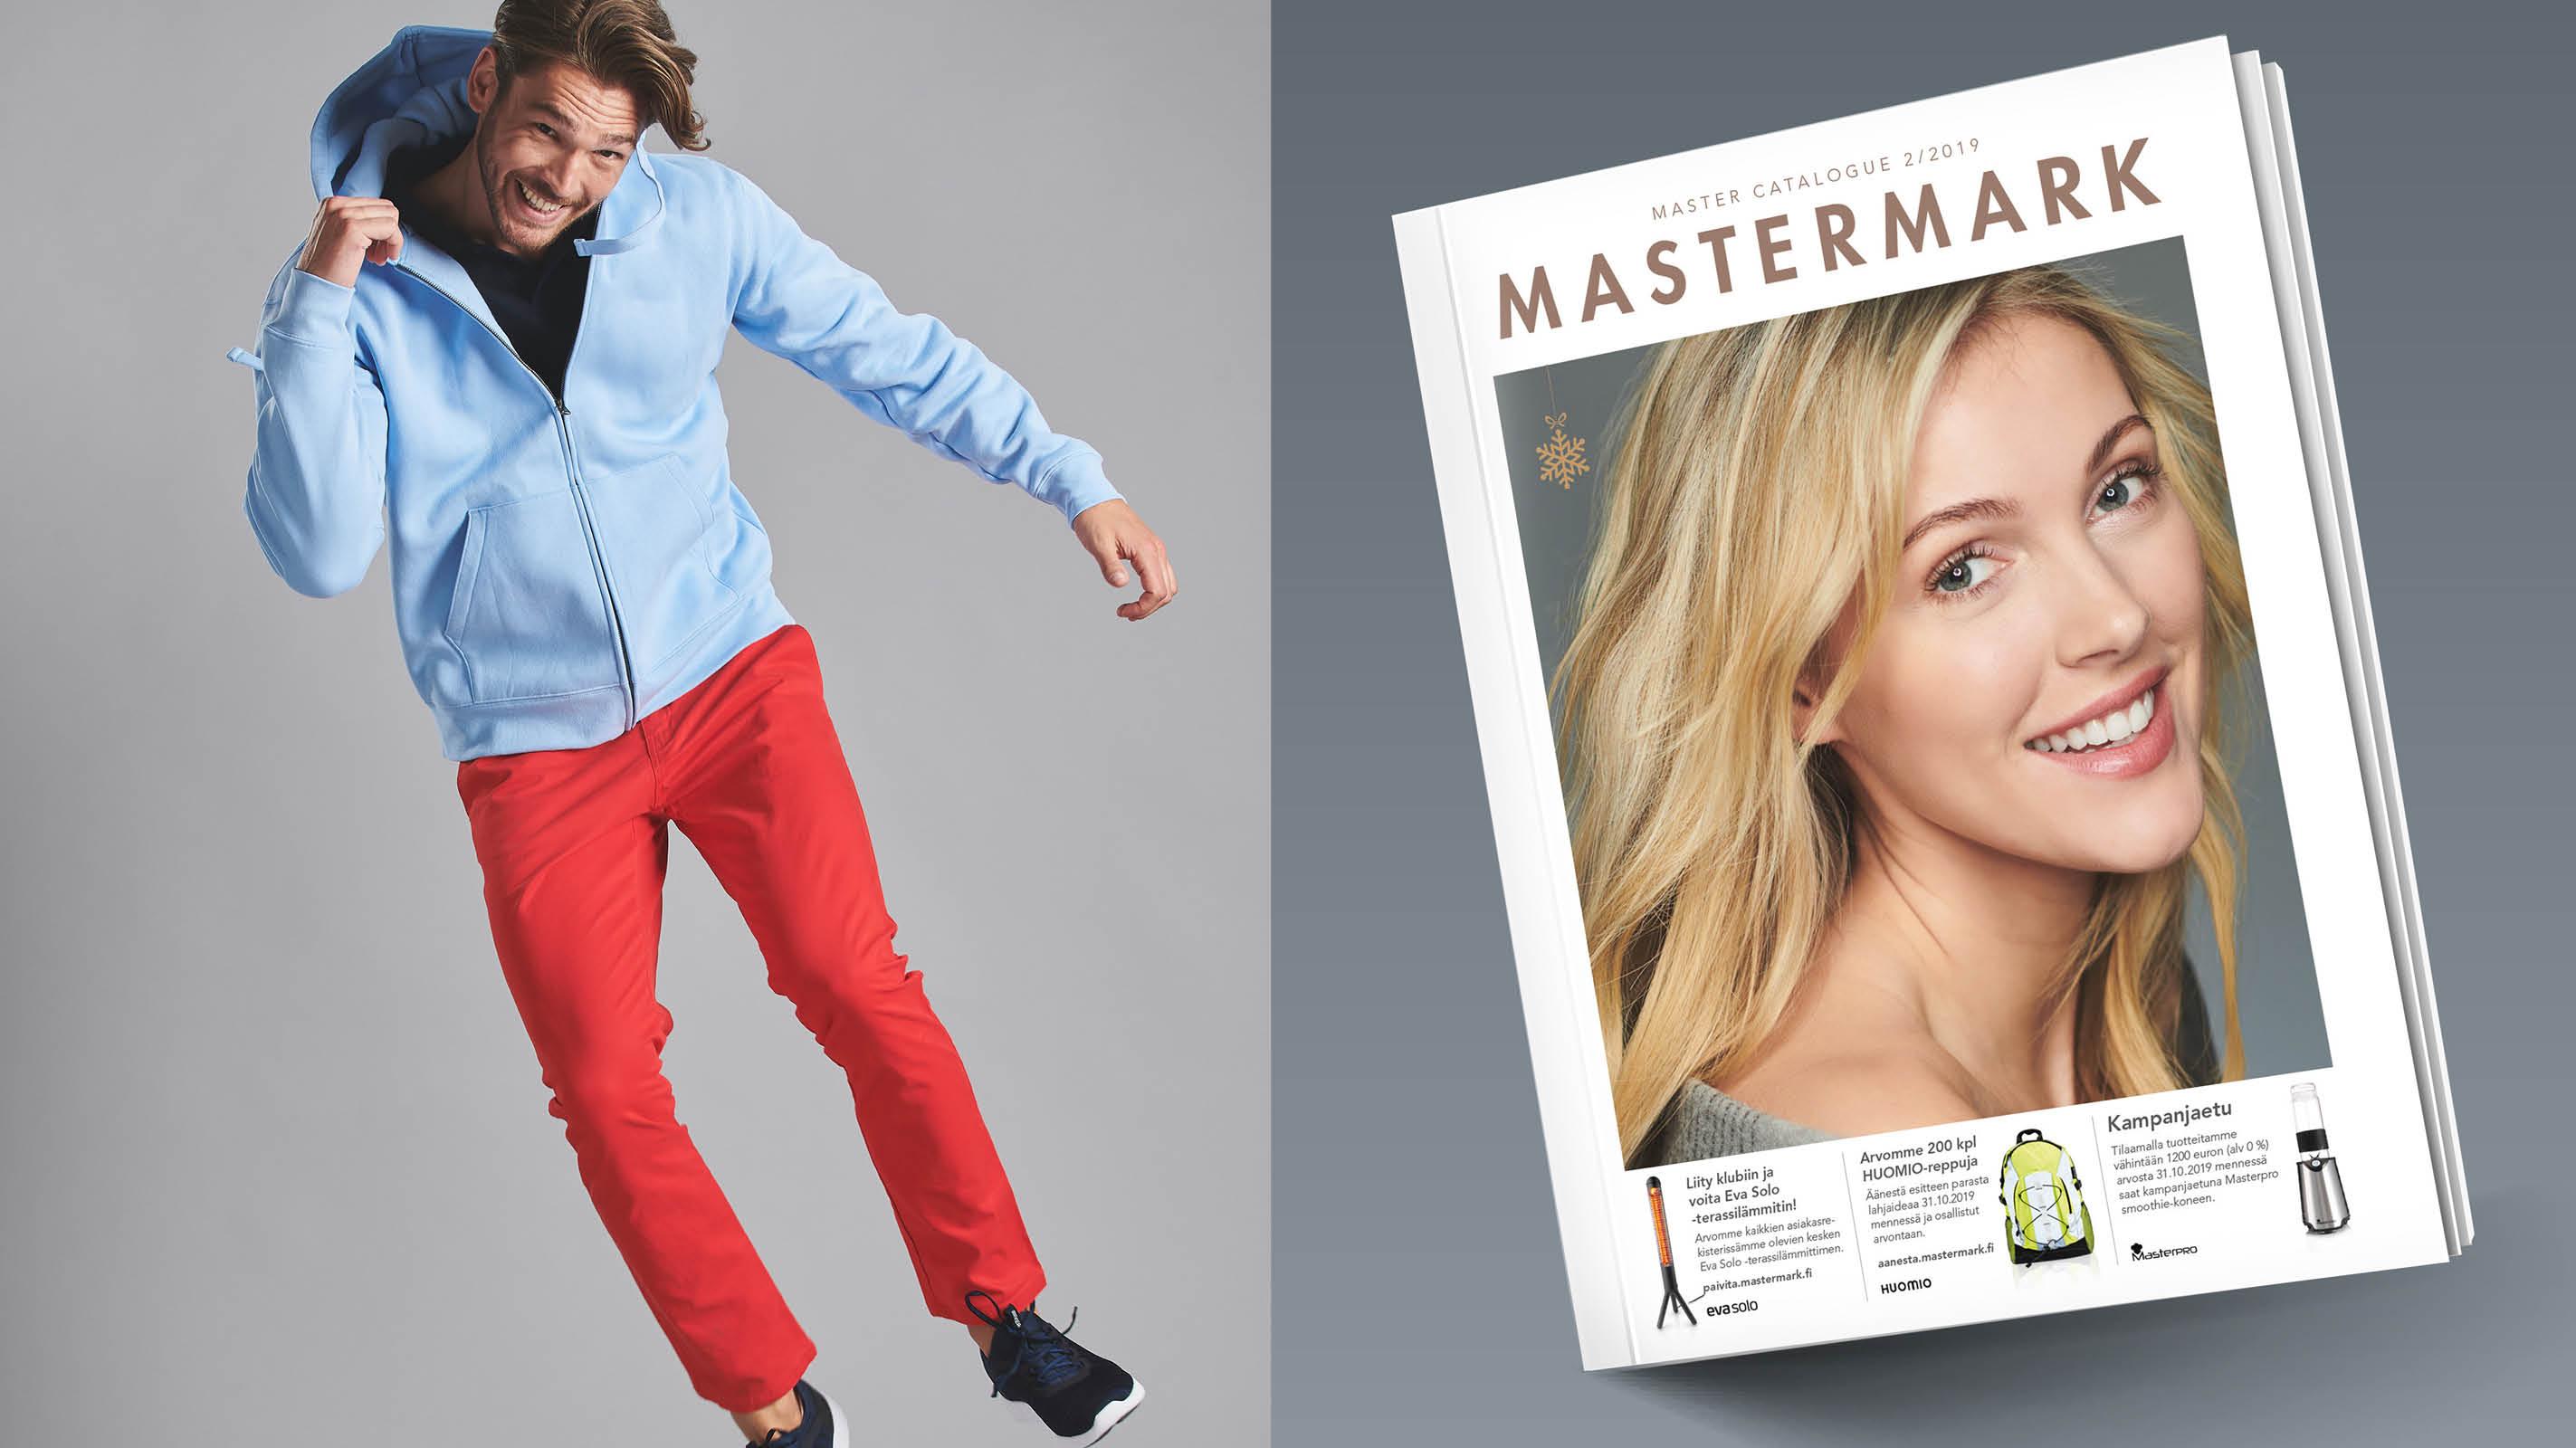 Mastermark Ctaloque 2/2019